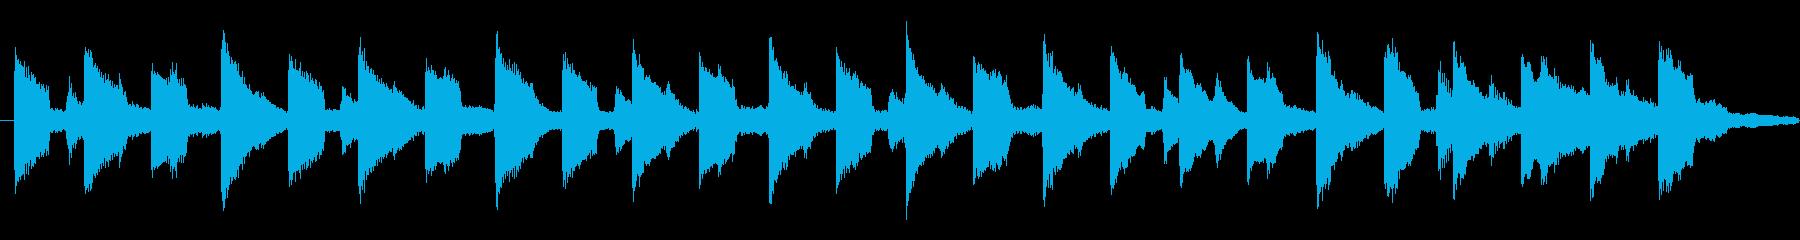 ゼンマイでゆっくり動くブリキのおもちゃ風の再生済みの波形